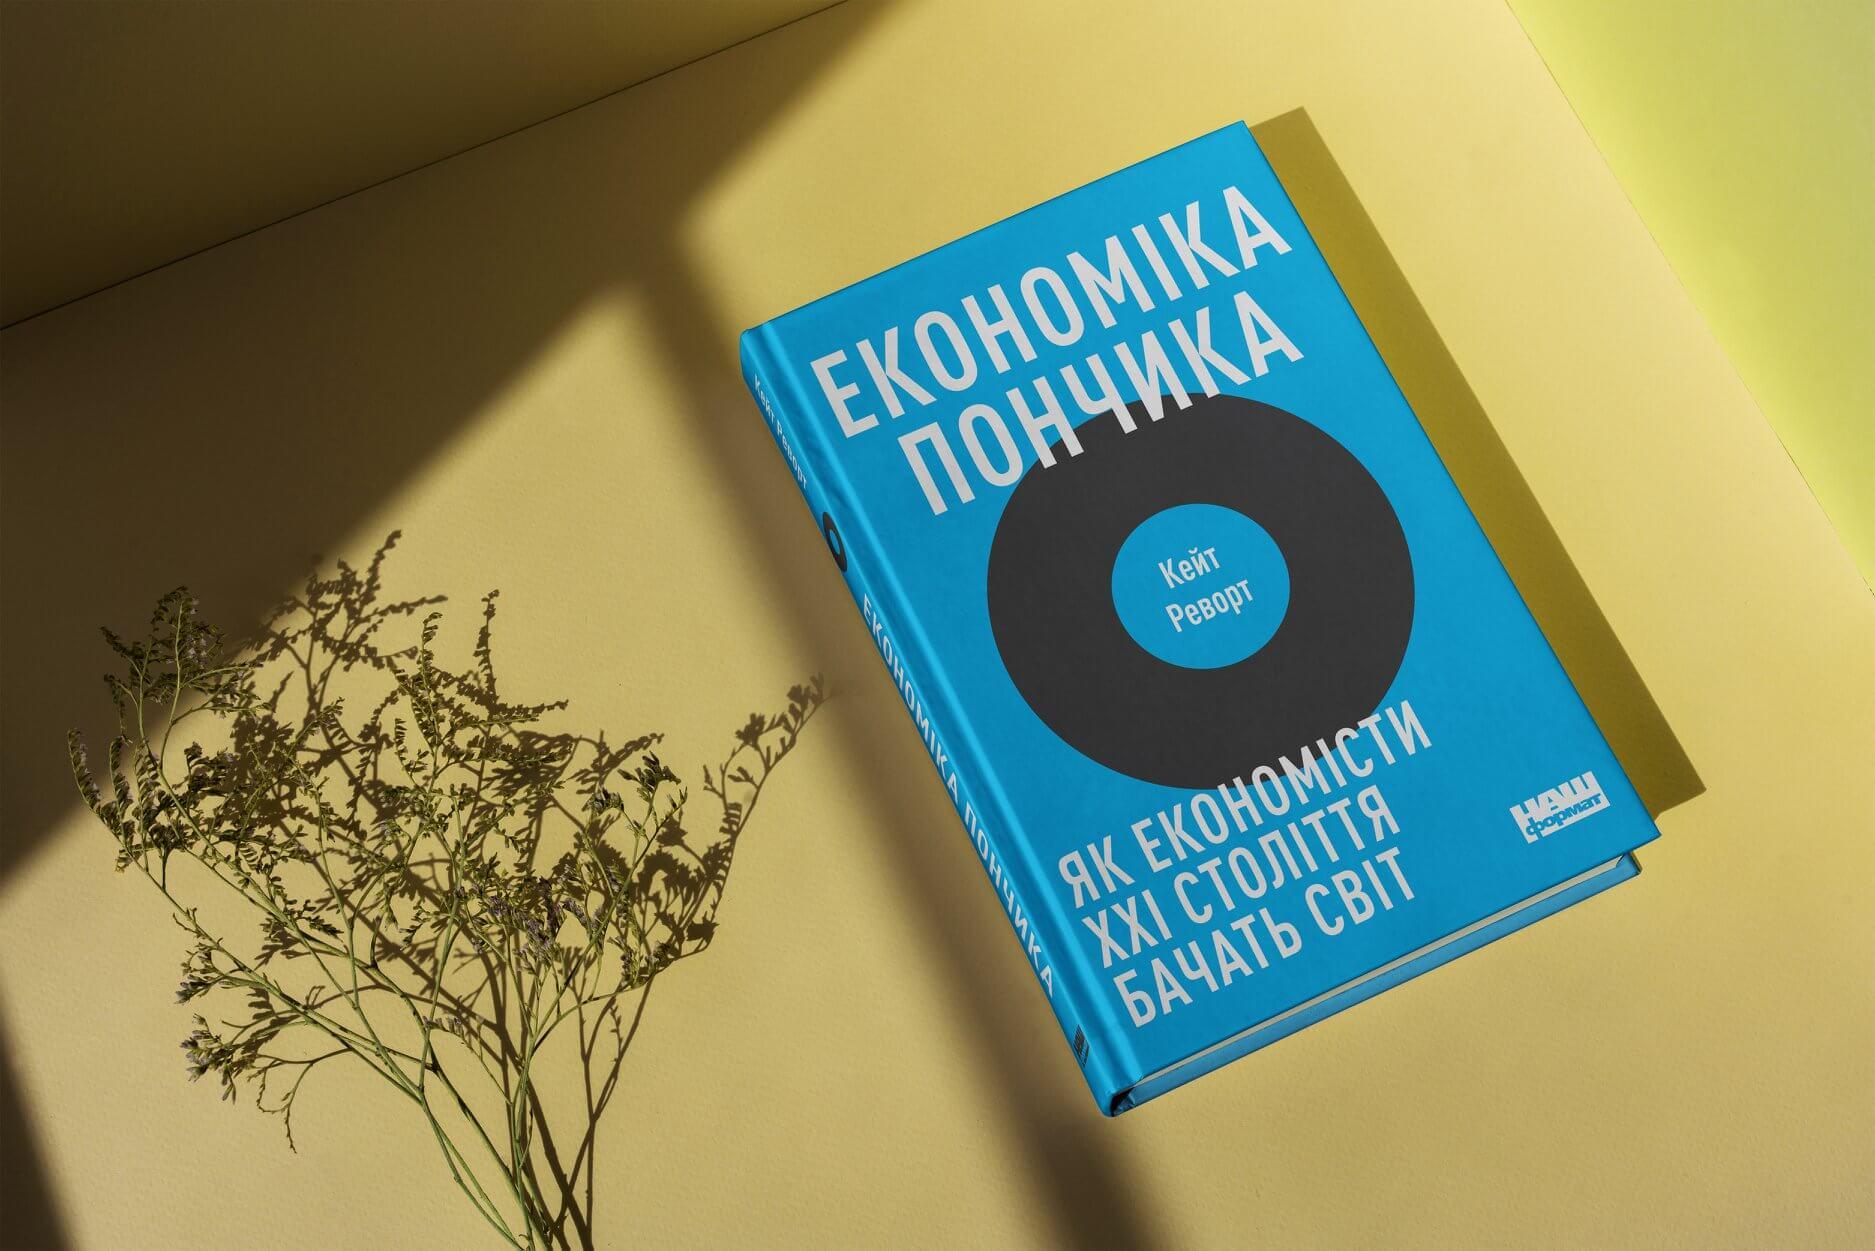 Уривок з книги «Економіка пончика. Як економісти XXI століття бачать світ» Кейт Реворт